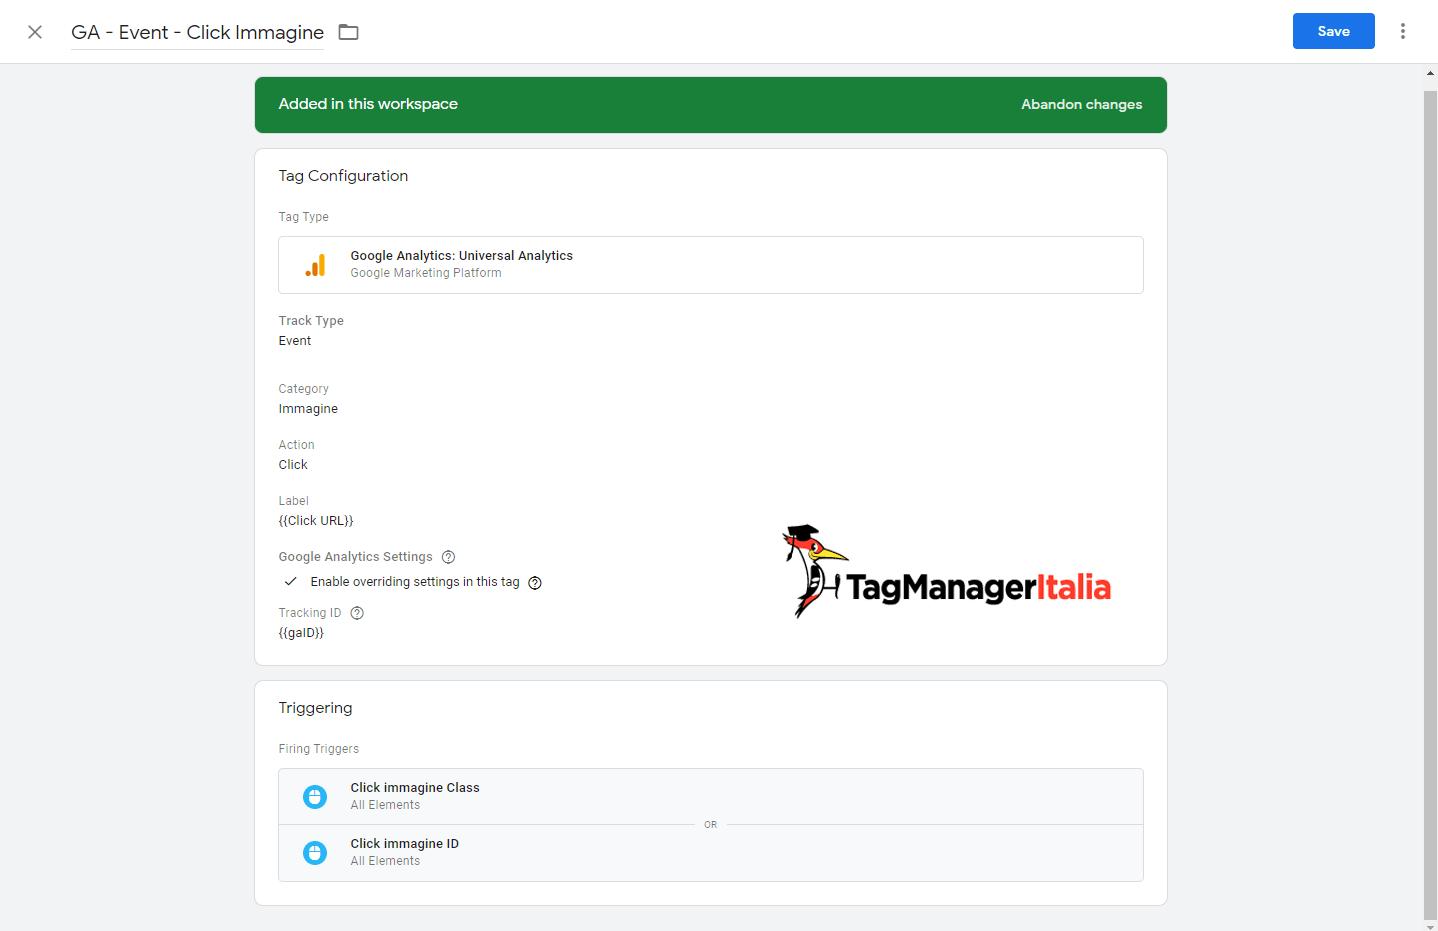 tag tracciare click immagine google tag manager con il tag di GA